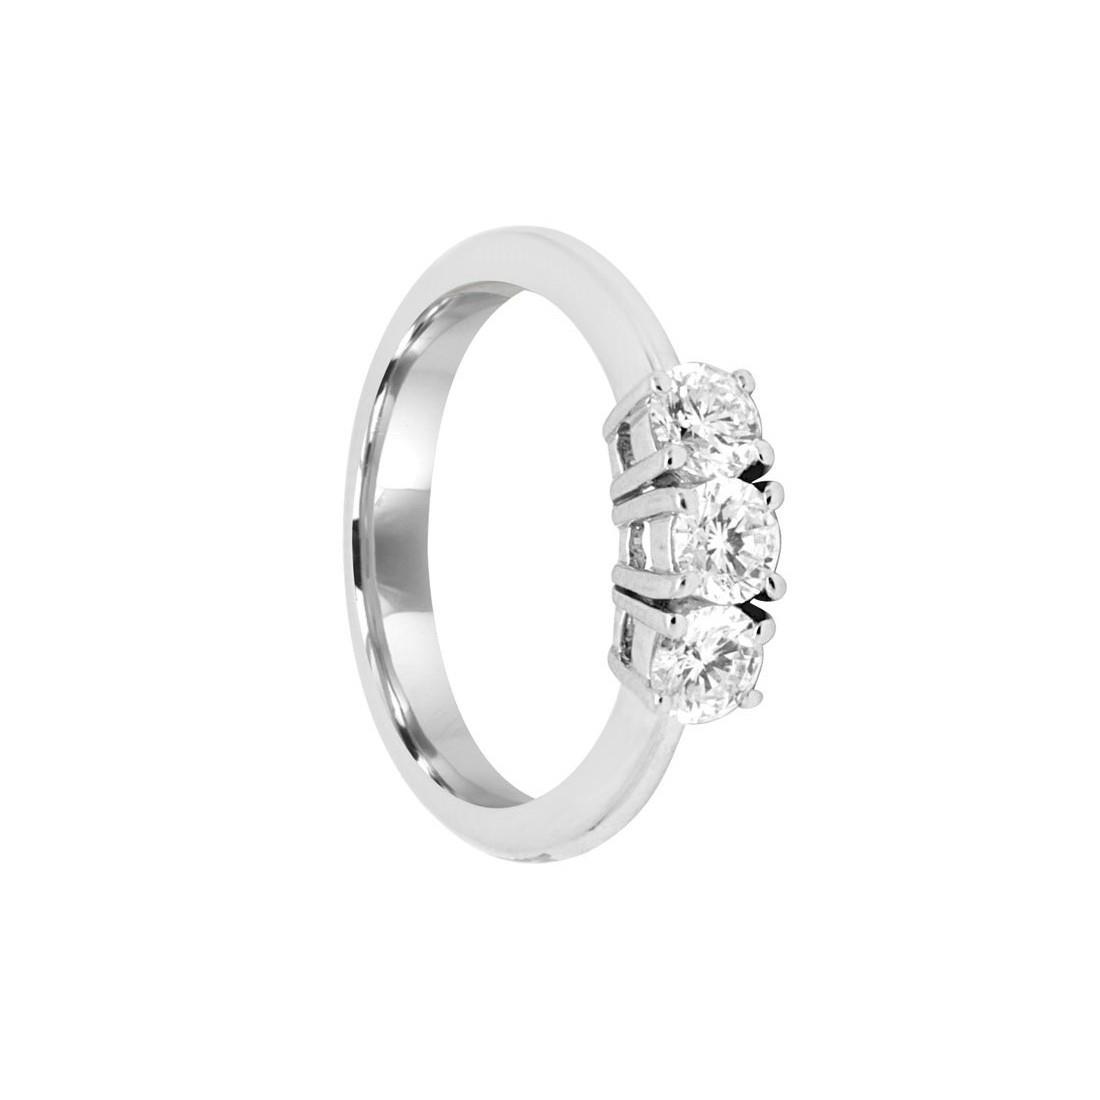 Anello in oro bianco con diamanti ct 0.75 - SALVINI